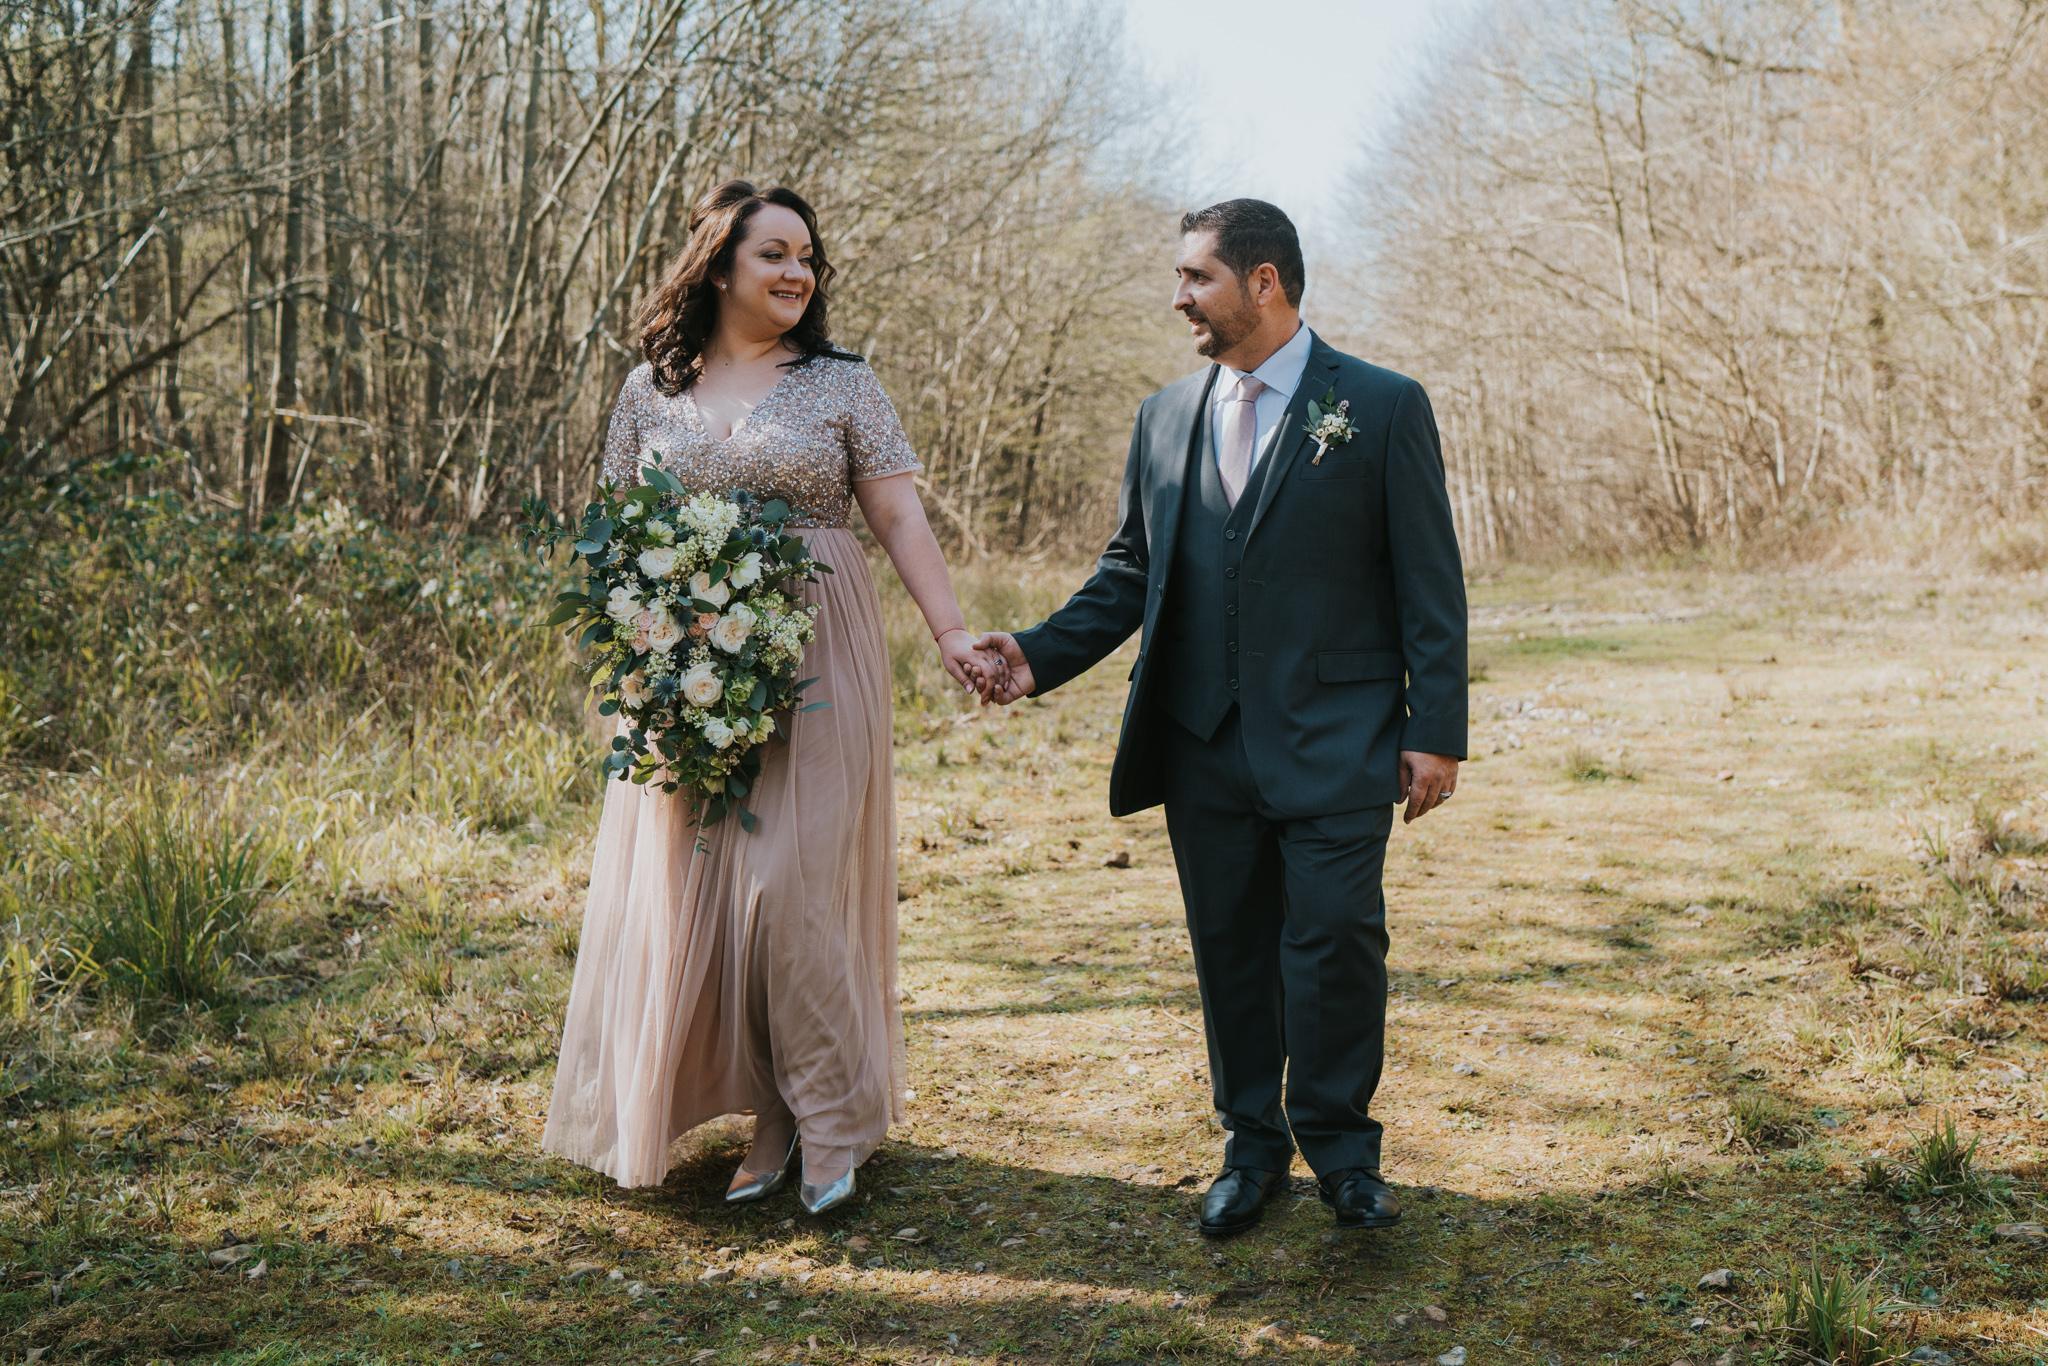 yuliya-yafith-colchester-essex-woodland-elopement-alternative-wedding-photographer-grace-elizabeth-essex-suffolk-norfolk-devon (26 of 40).jpg